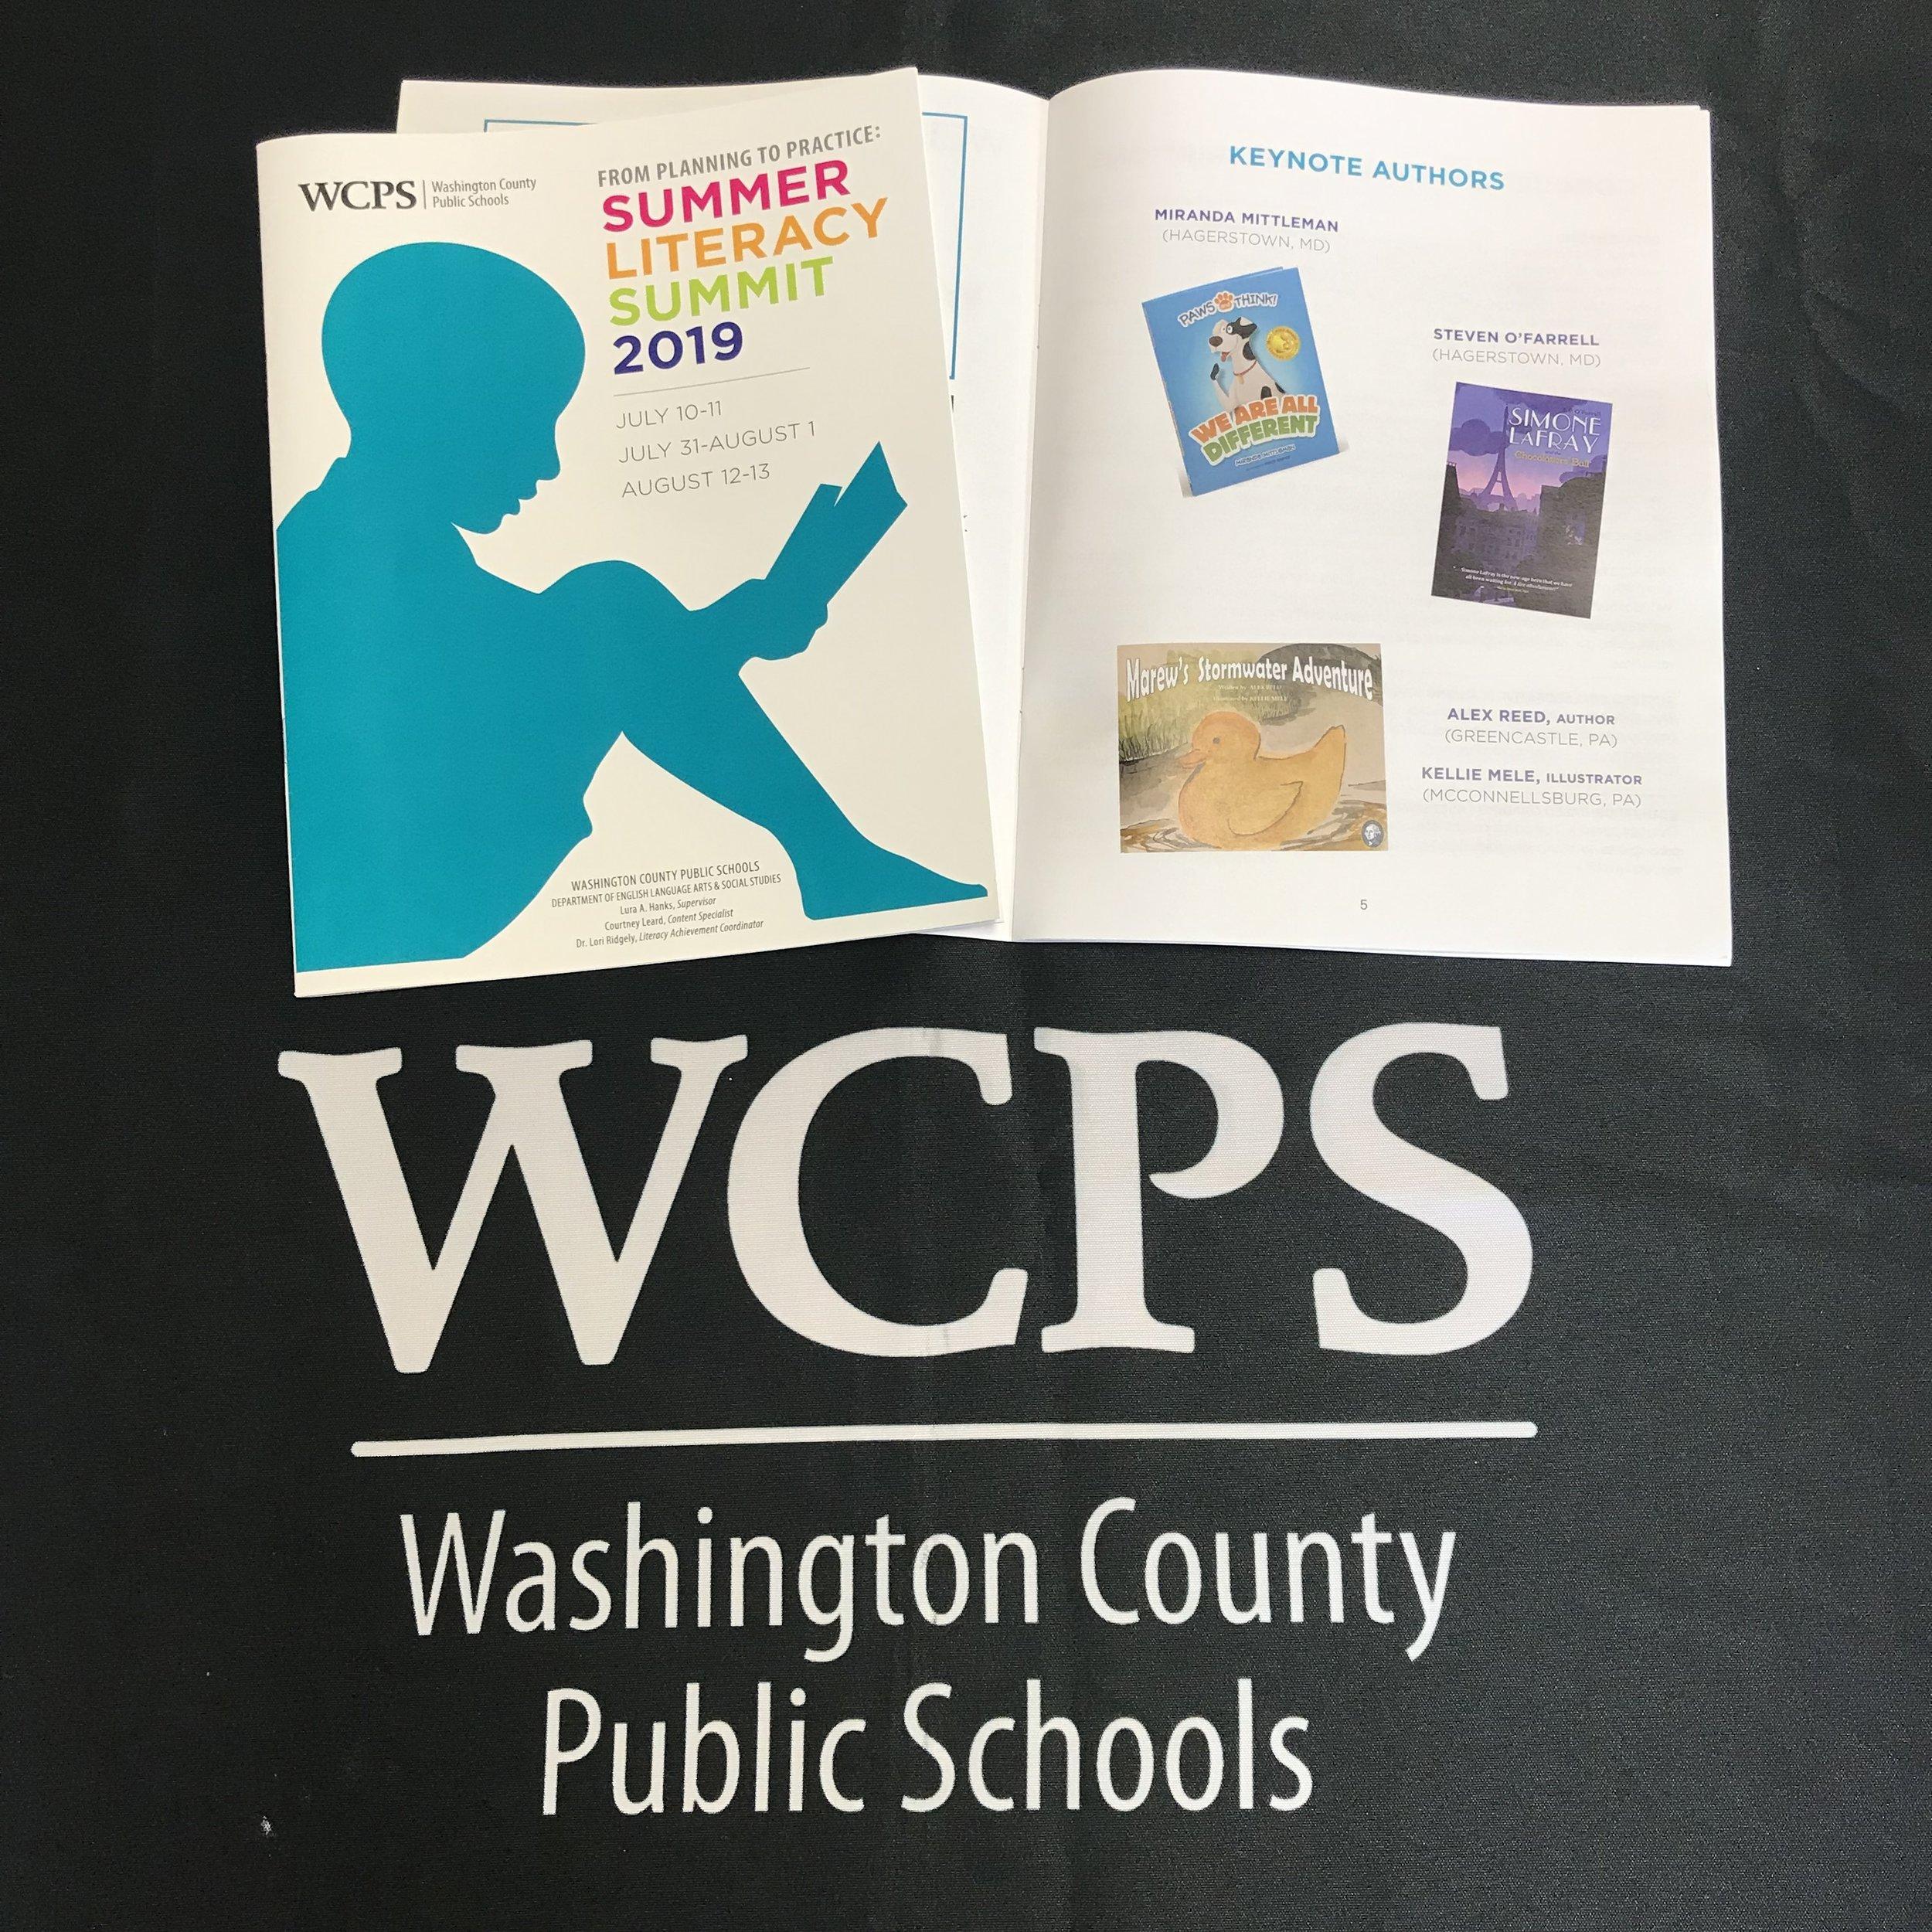 WCPS Literacy Summit